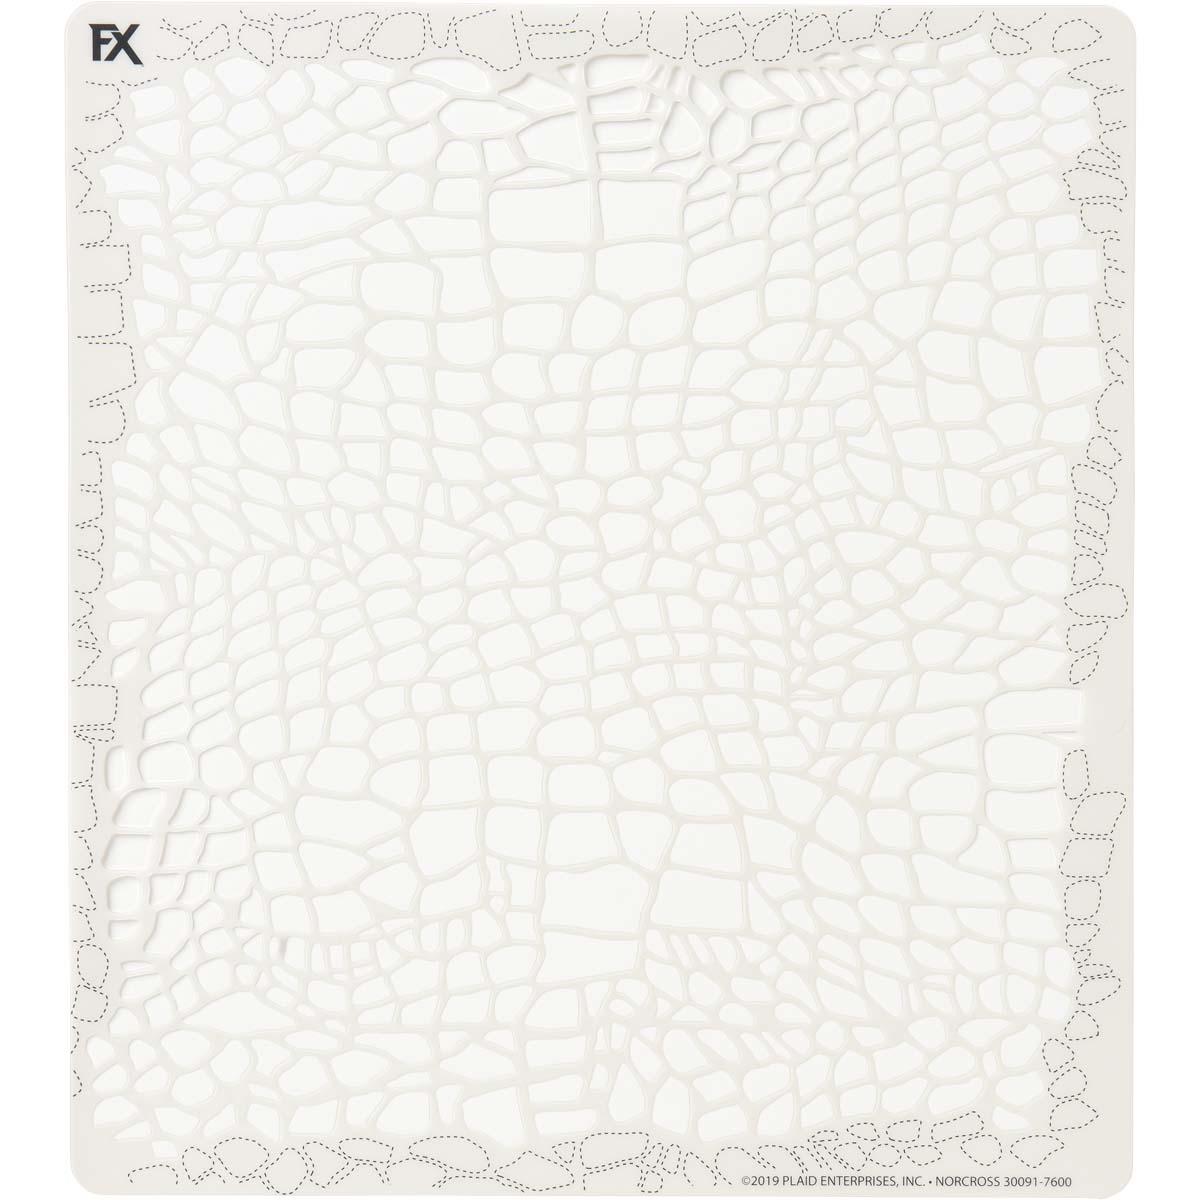 PlaidFX Template Set - Reptile, 8-1/2